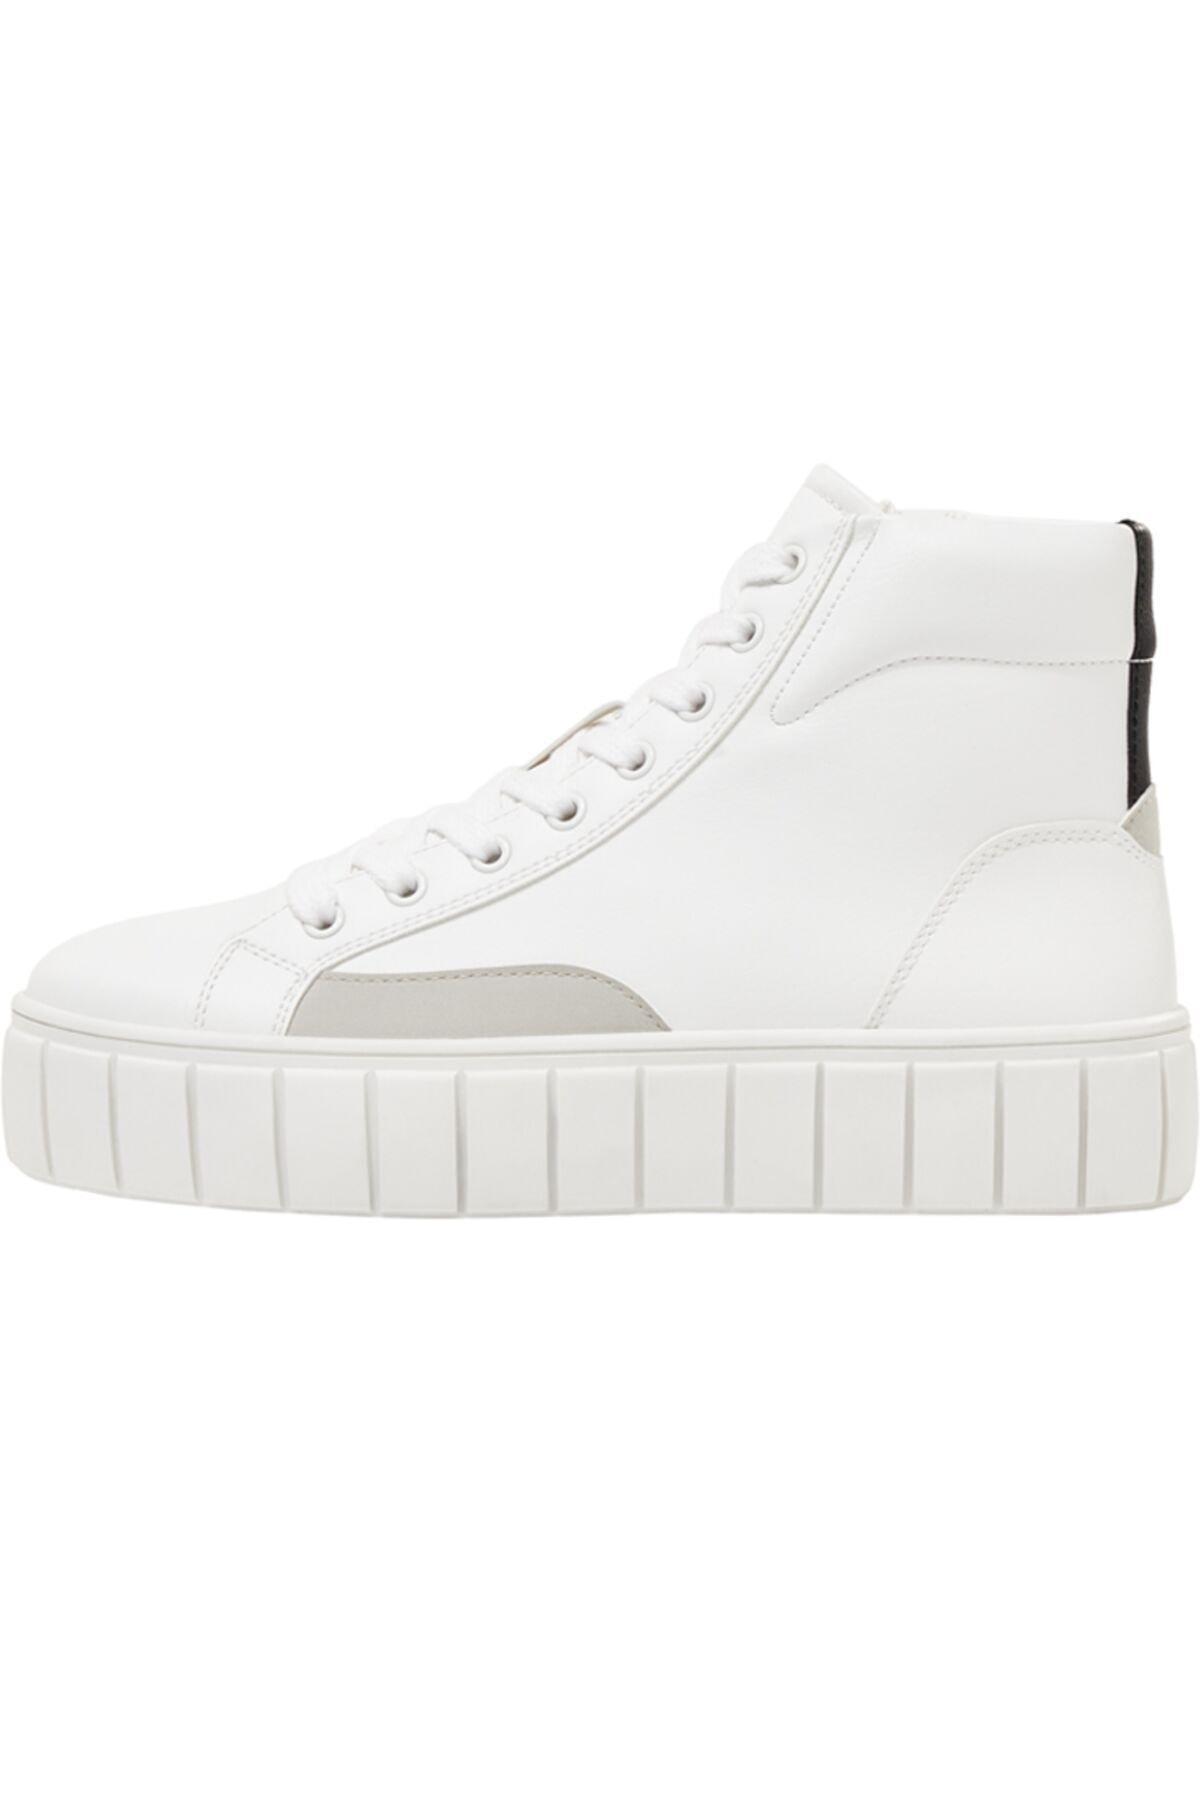 Bershka Kadın Beyaz Platformlu Yüksek Bilekli Spor Ayakkabı 2